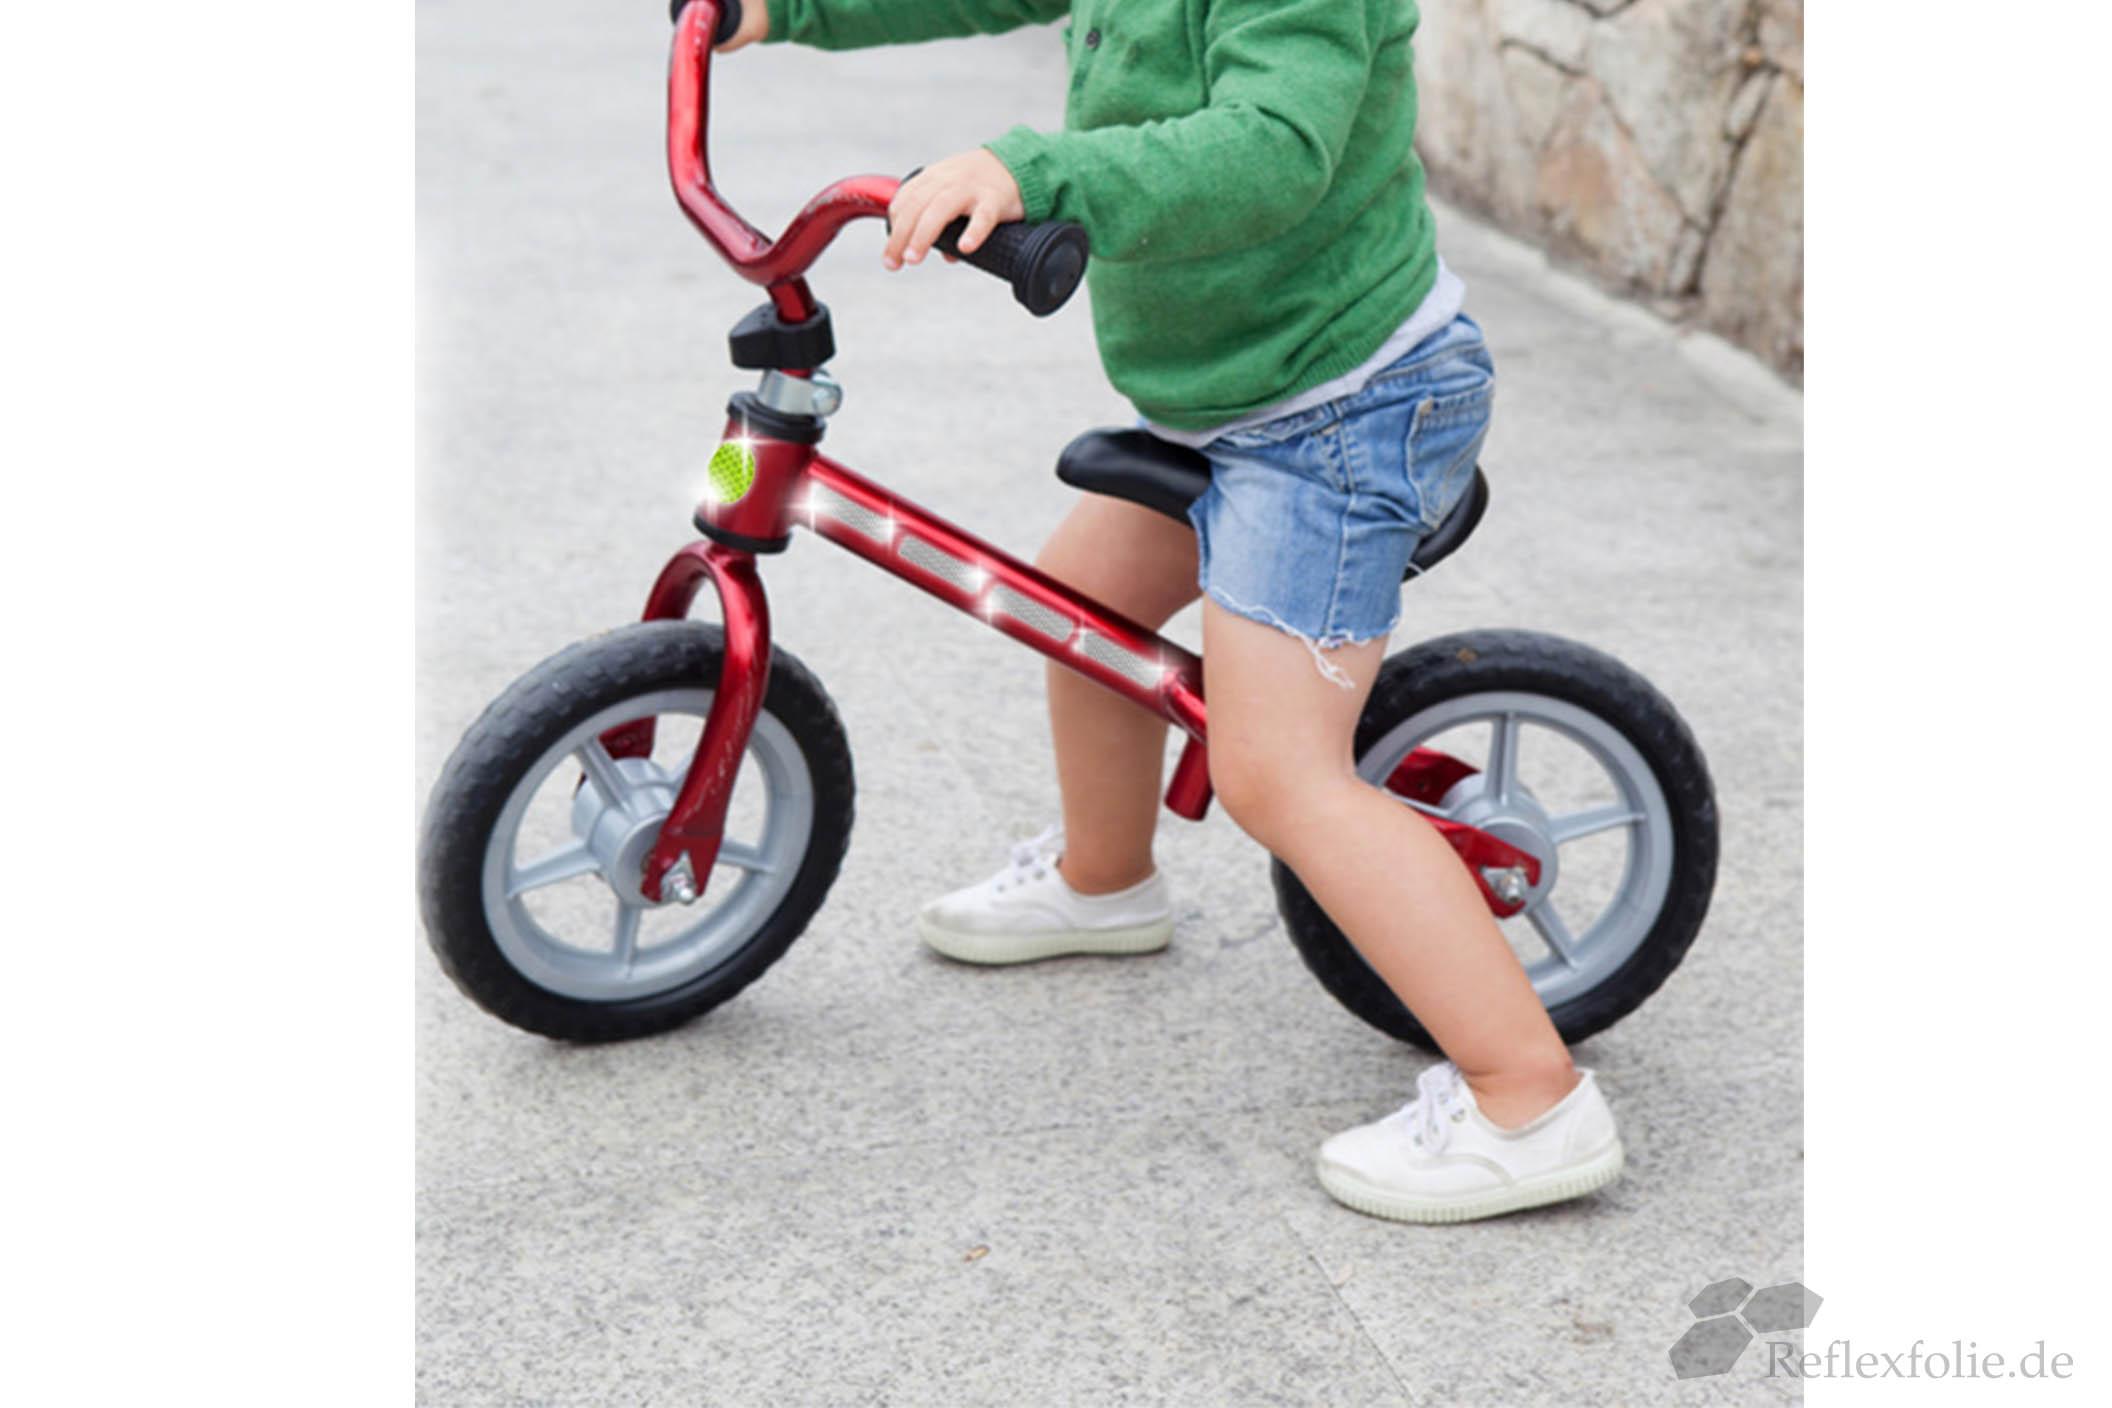 Reflexpunkte auf Kinderlaufrad